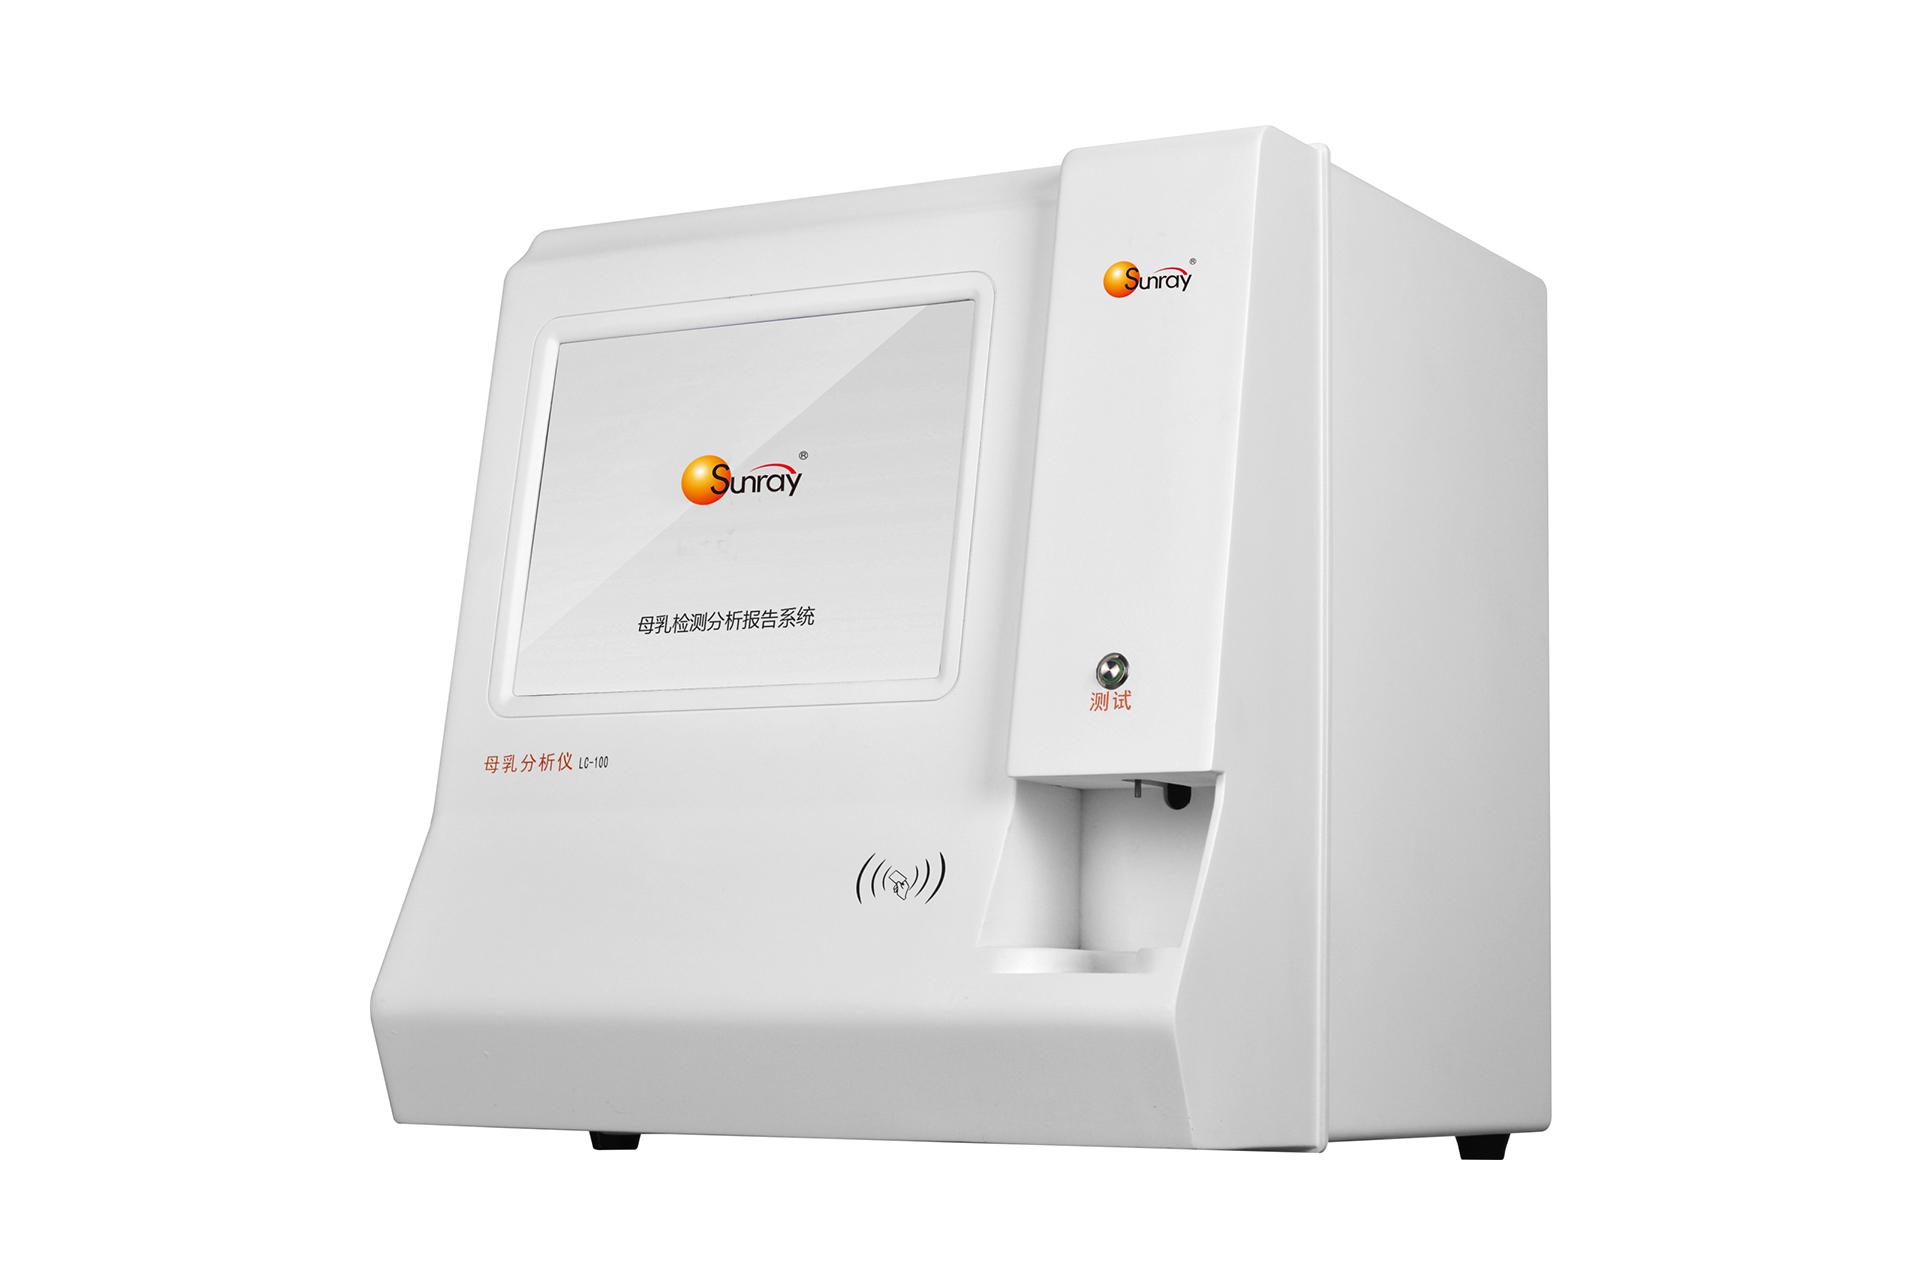 处理好文件-C100母乳分析仪-单样本